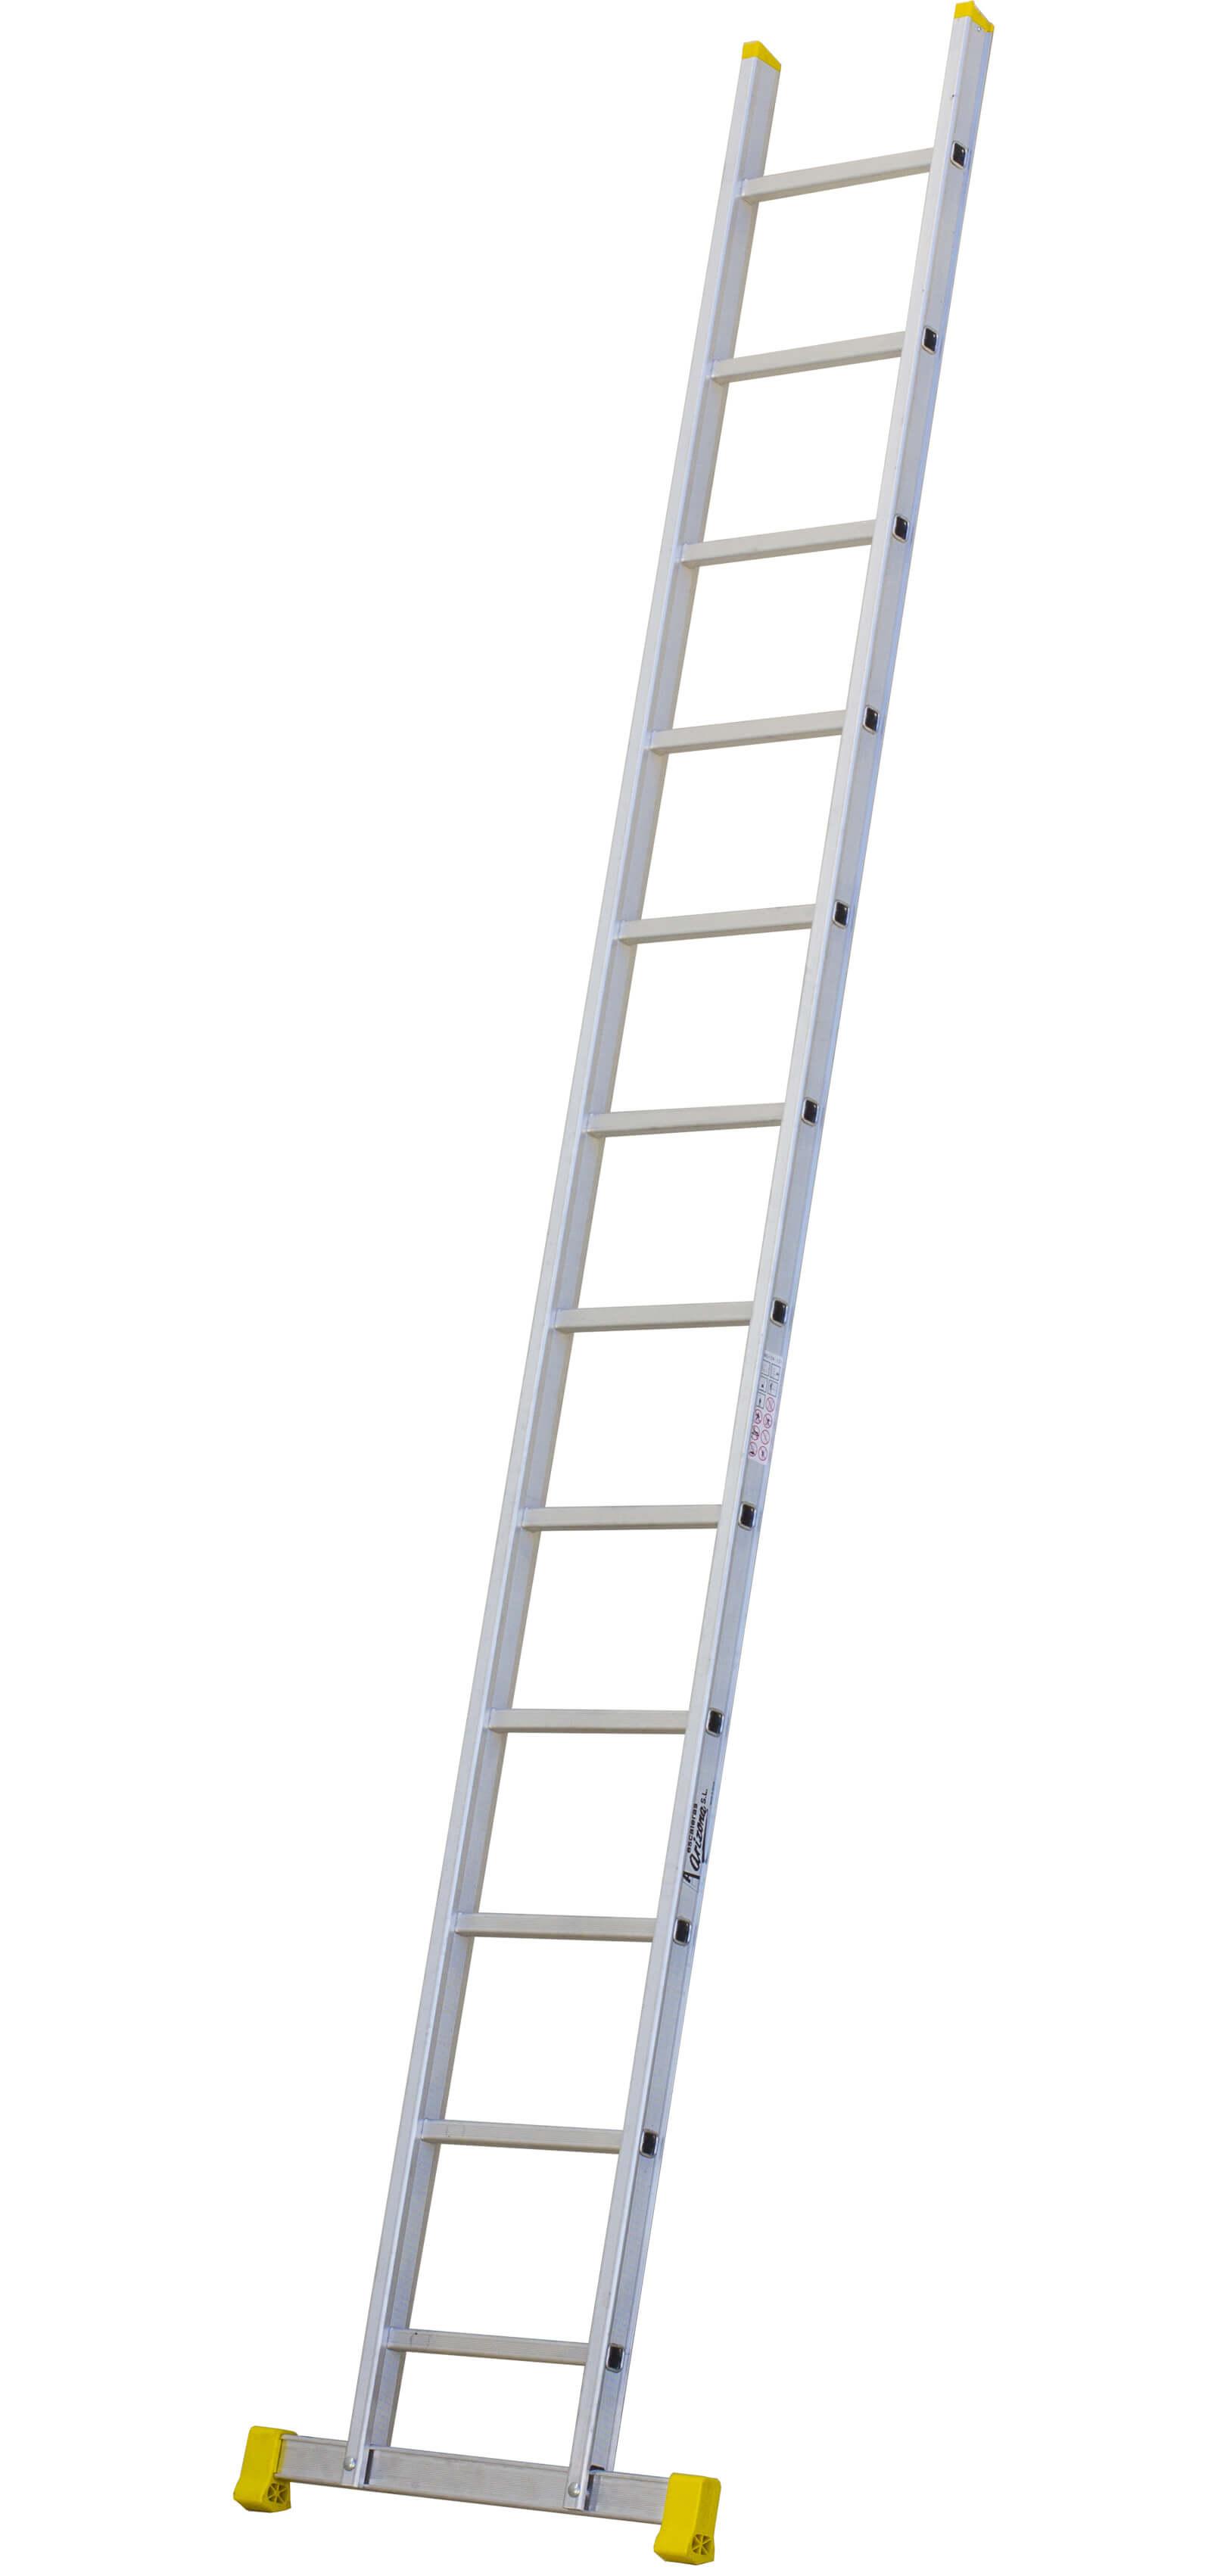 Escalera de aluminio de un tramo escaleras arizona for Escalera de aluminio extensible 9 metros